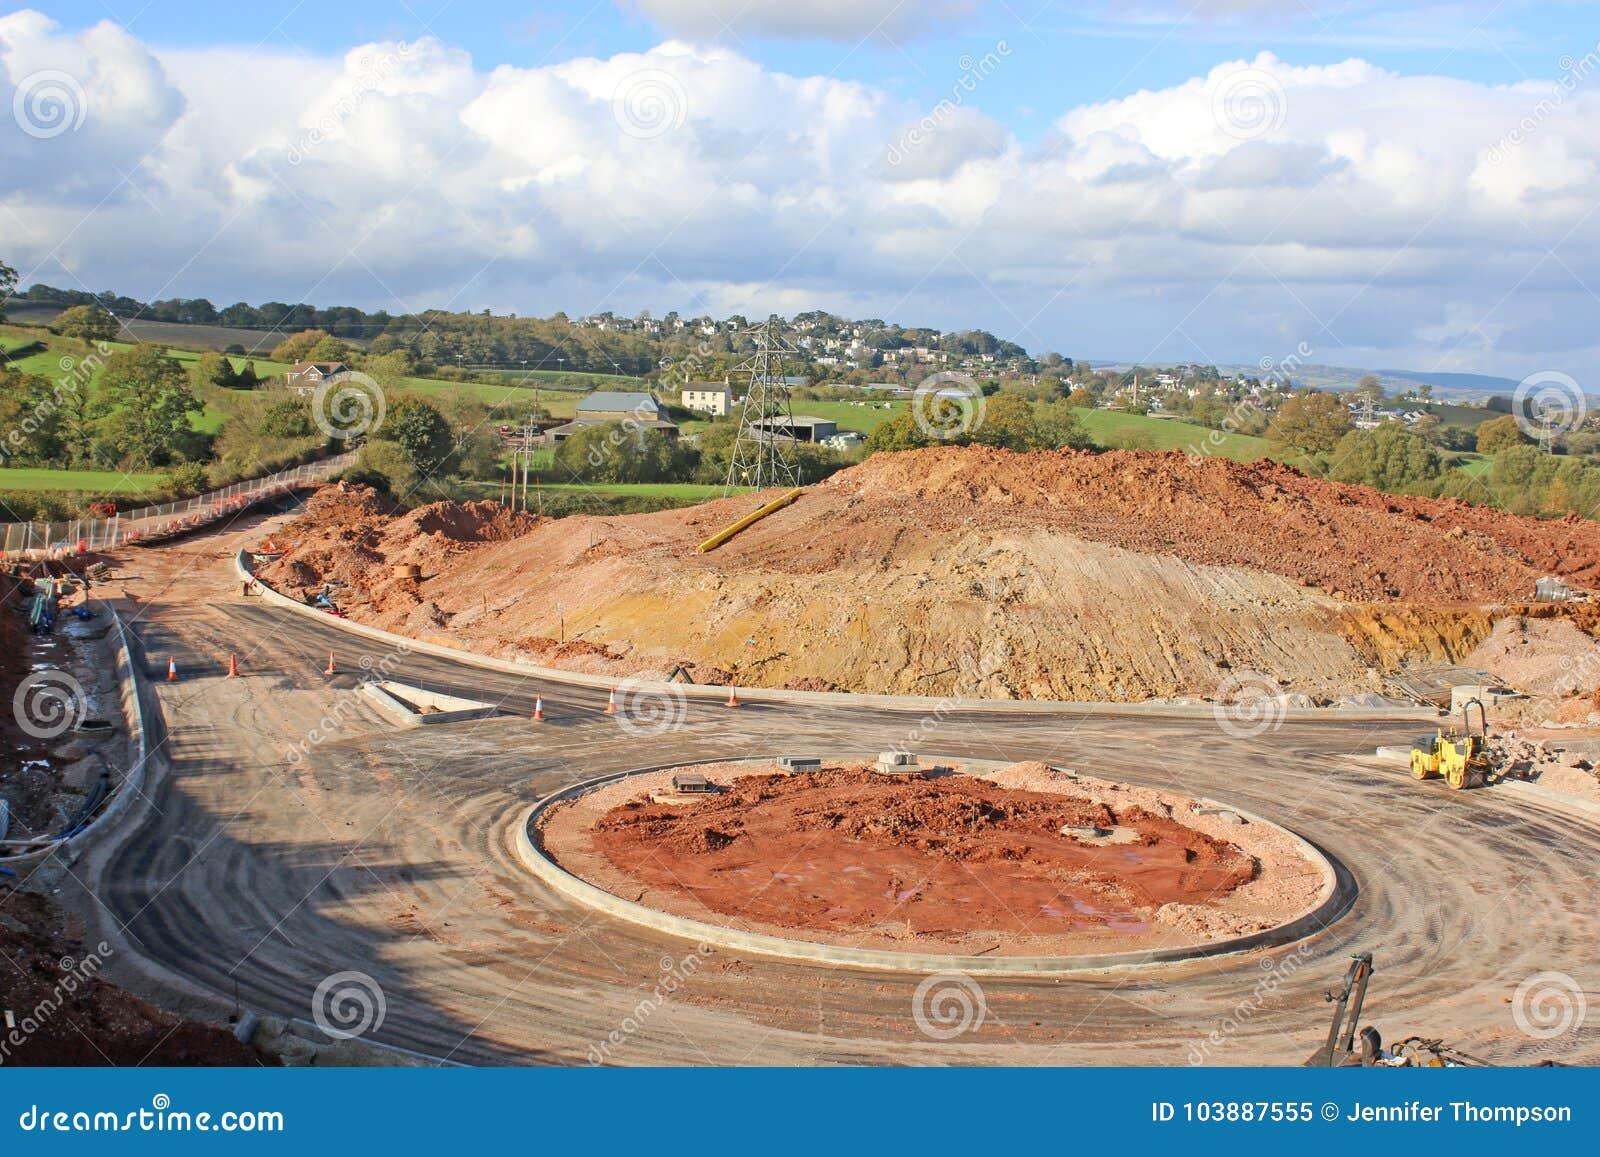 Διασταύρωση κυκλικής κυκλοφορίας κάτω από την κατασκευή